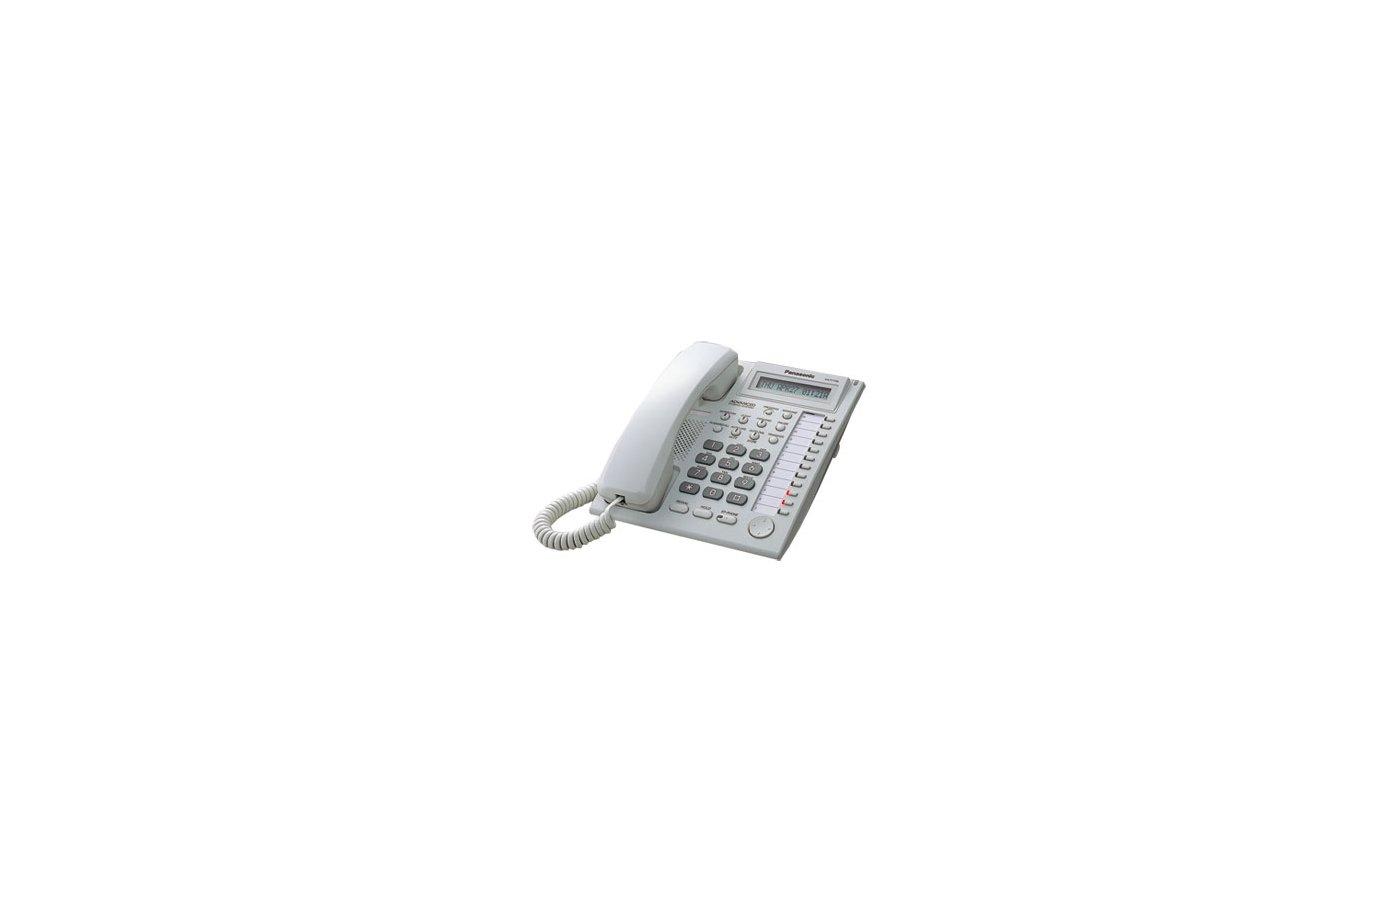 Проводной телефон PANASONIC KX-T7730 RUW системный телефон